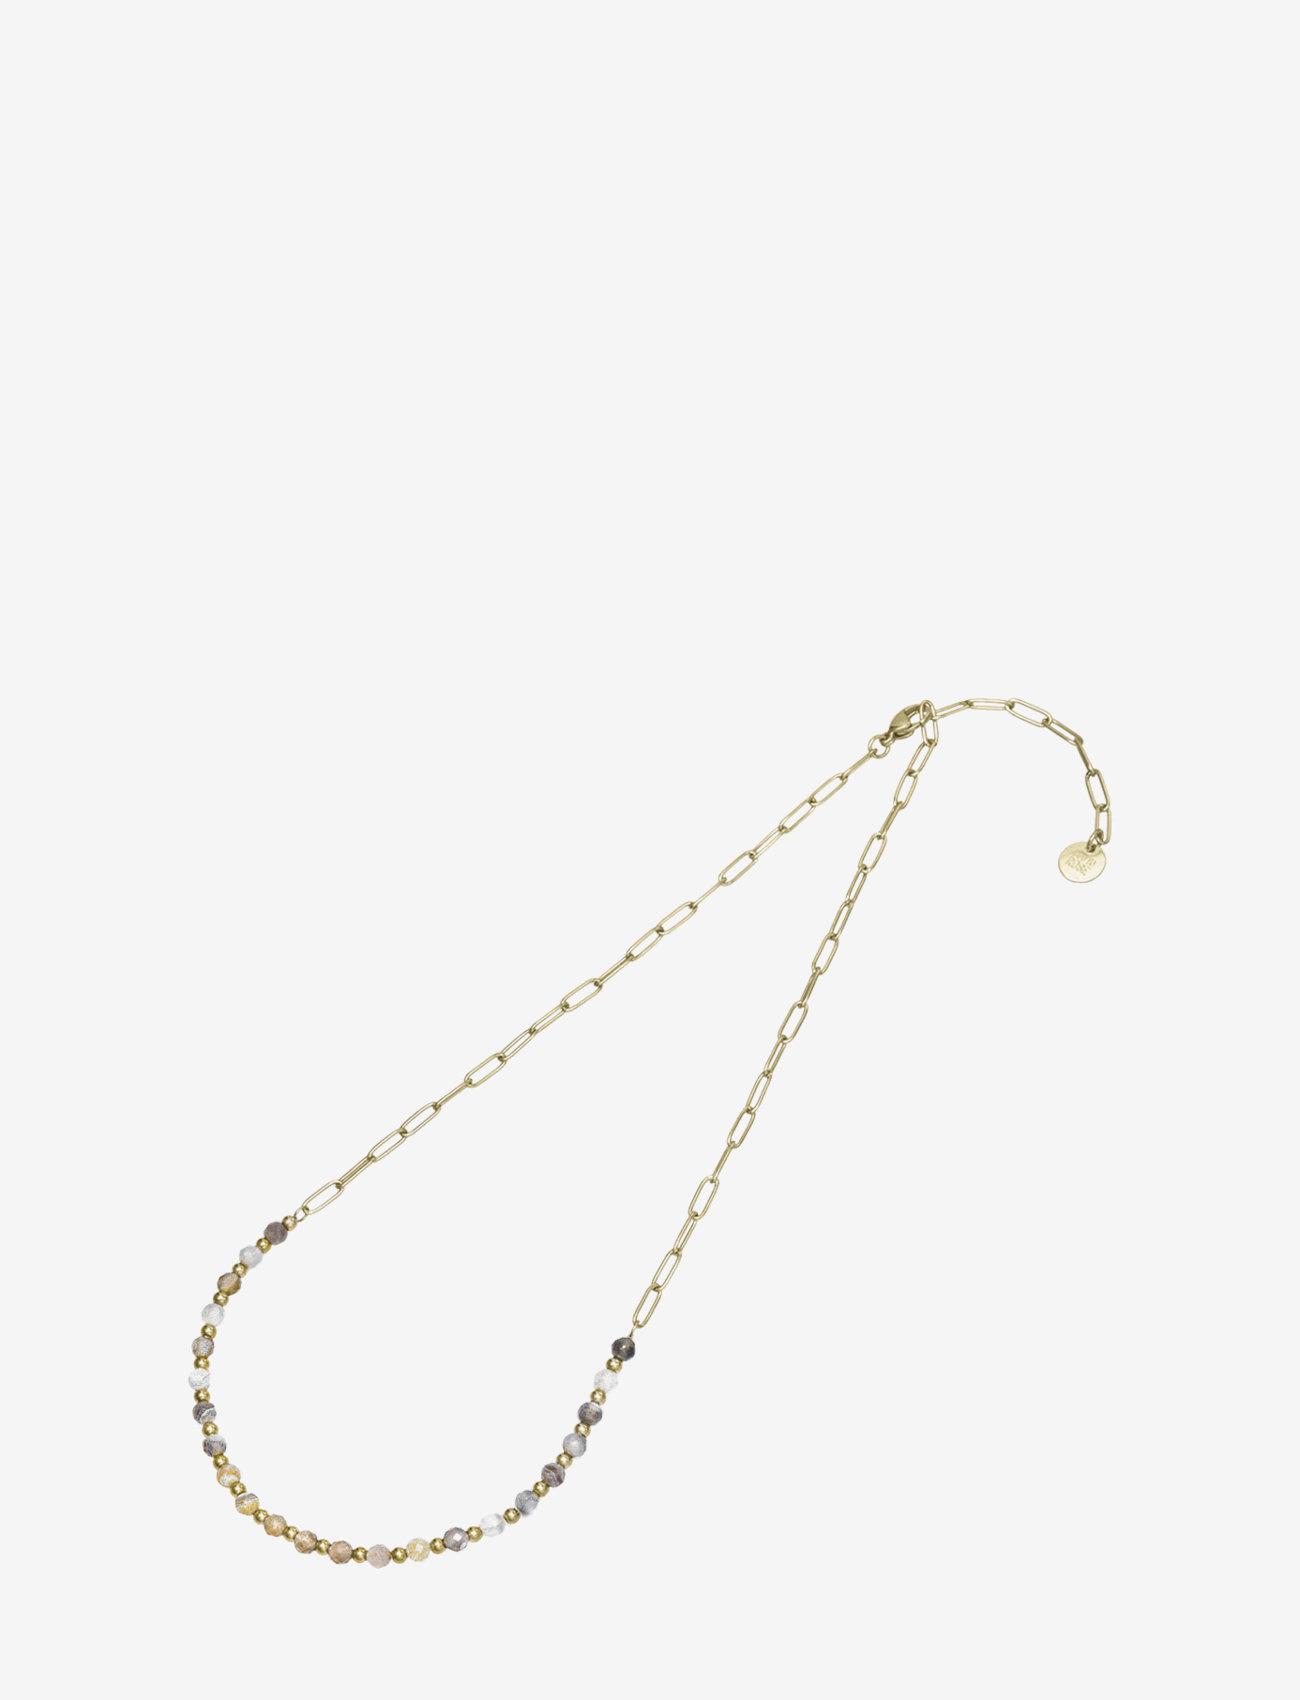 Bud to rose - Spirit Short Necklace Beige/Gold - kettingen met hanger - gold - 1